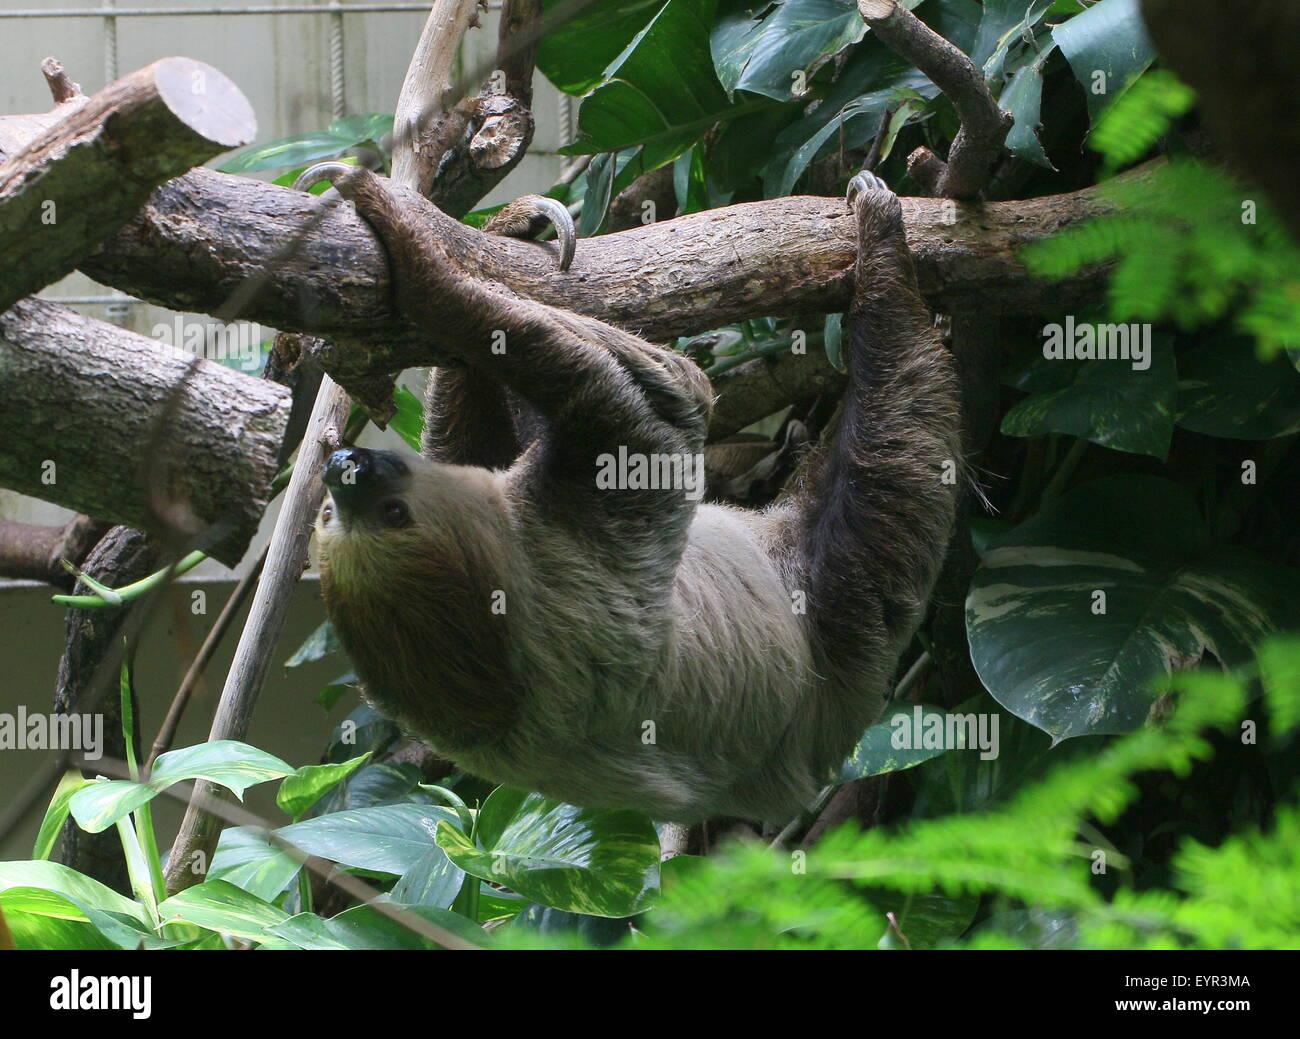 South American Linnaeus dos vetado pereza o del Sur dos dedos cada sloth (Choloepus didactylus) en el zoo Noorder Dierenpark Zoo, Países Bajos Foto de stock